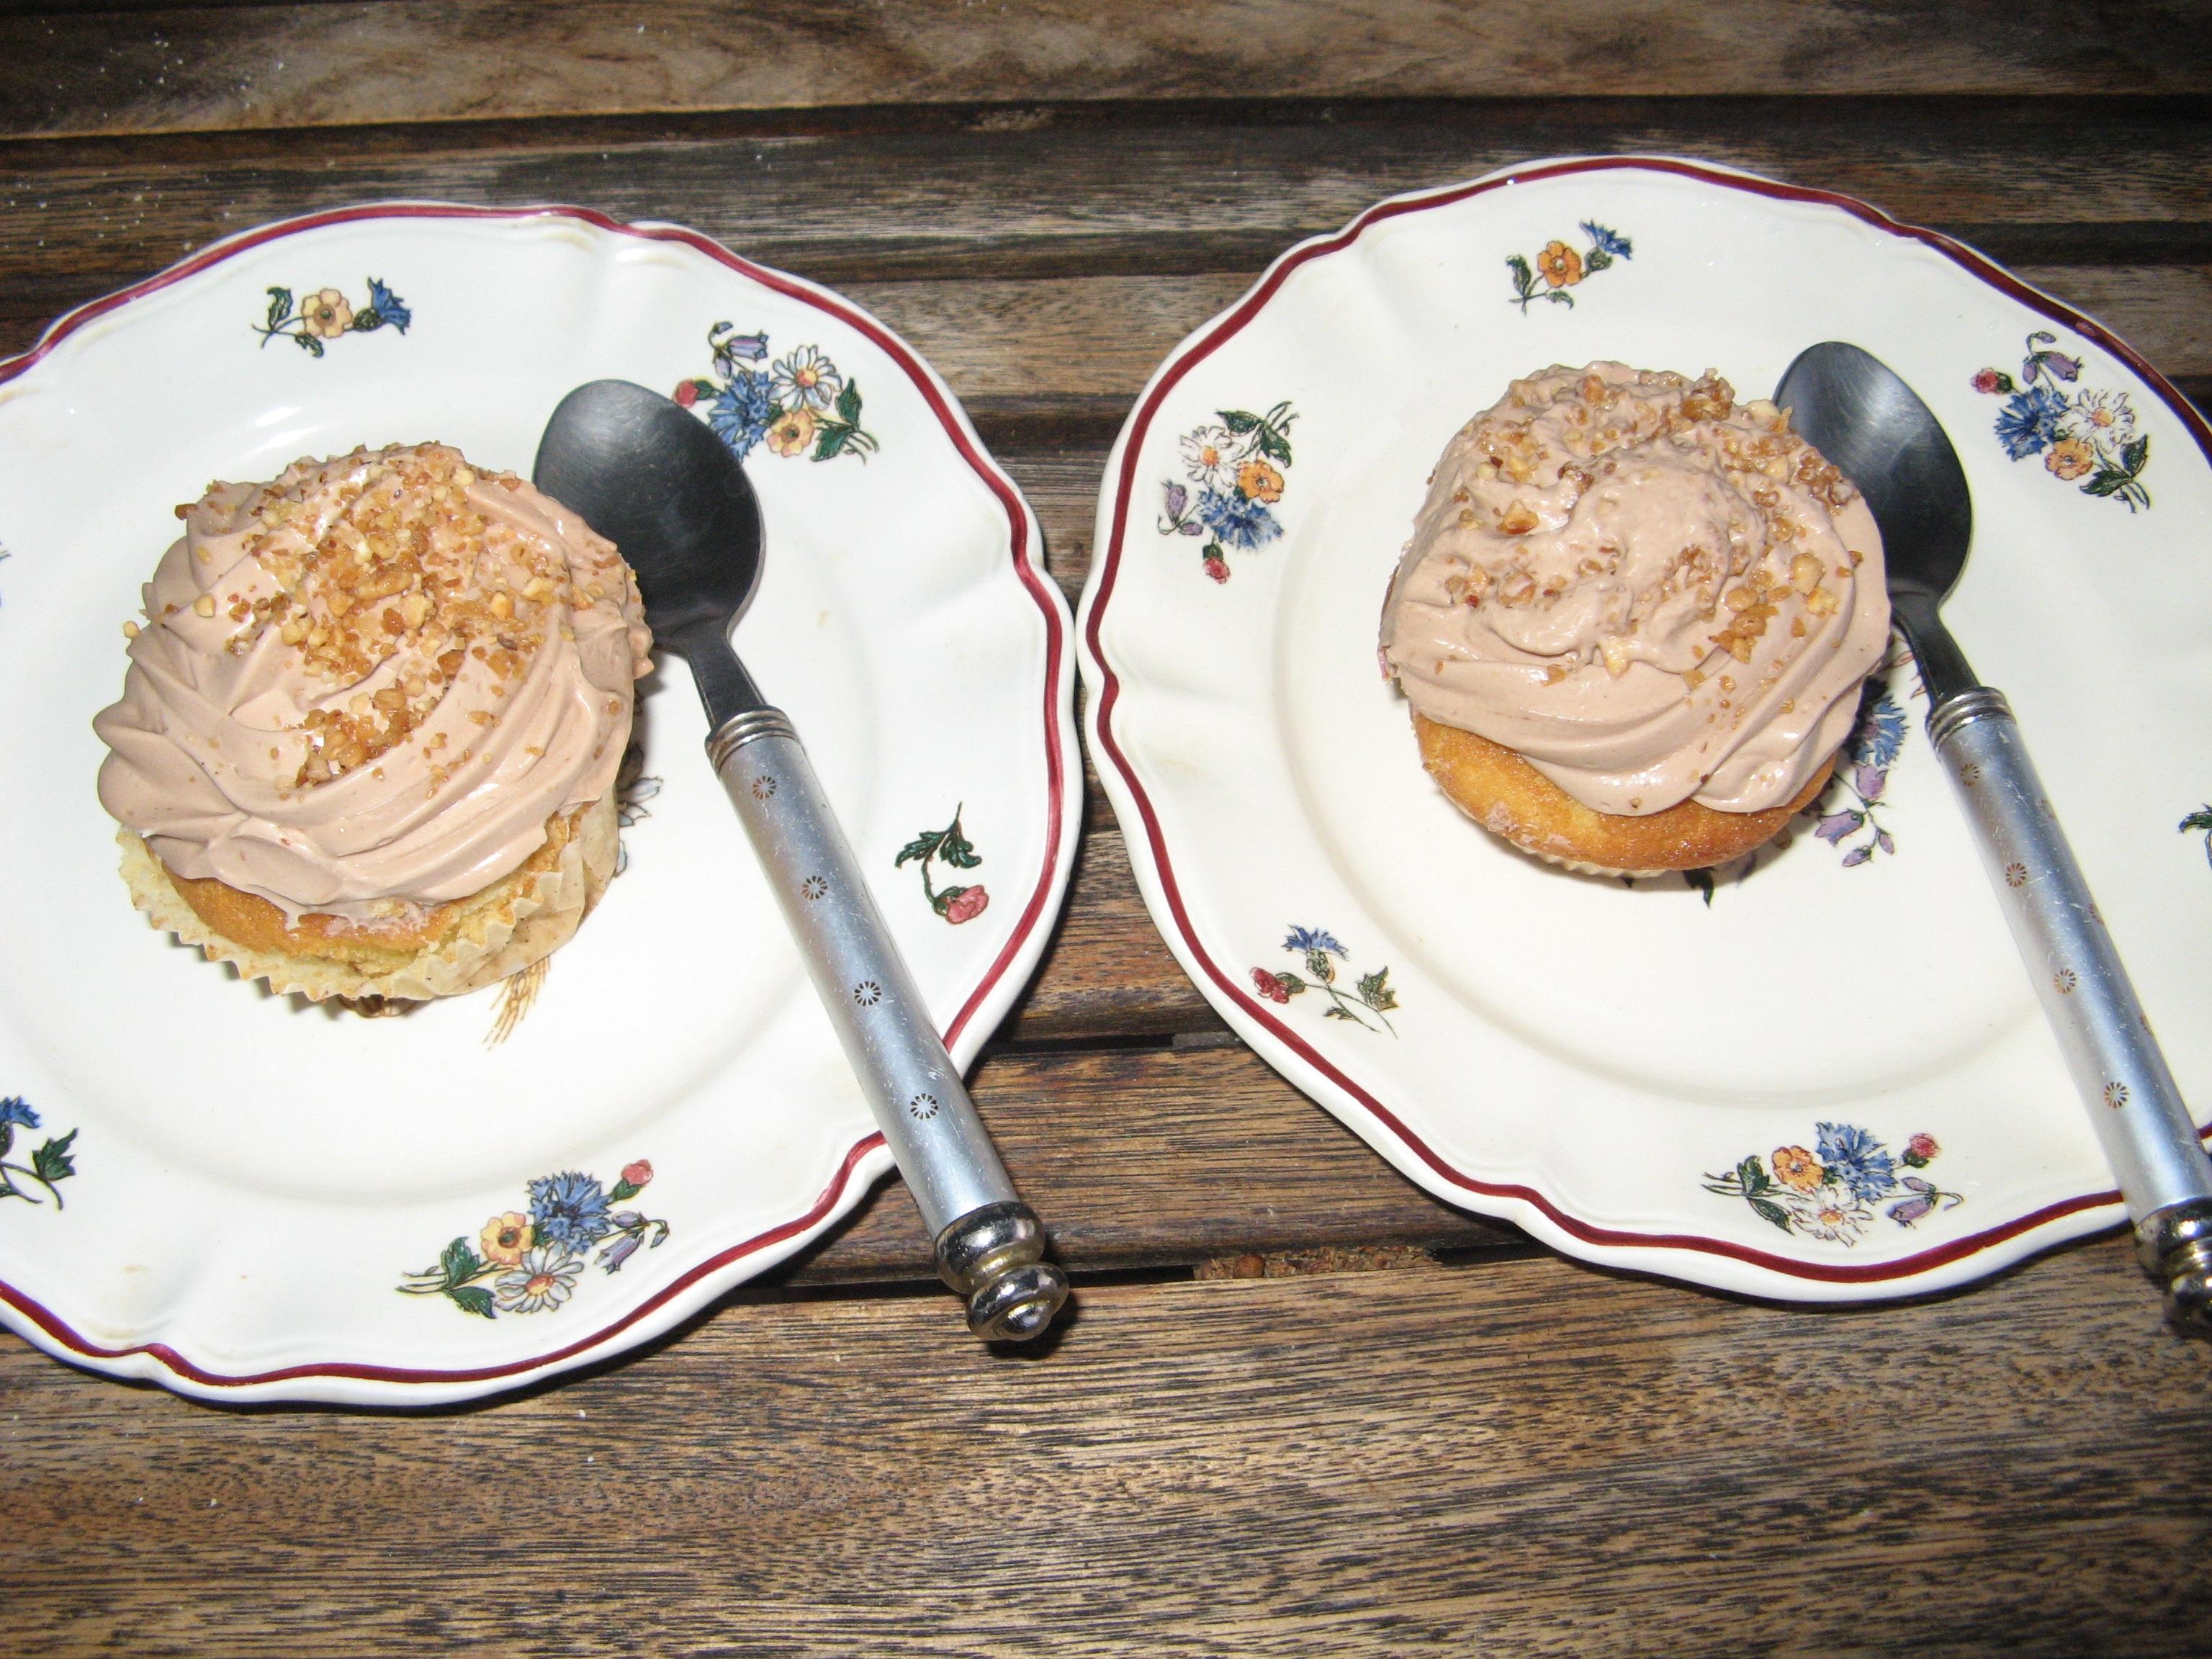 Cupcake à la vanille et à la crème aux noisettes